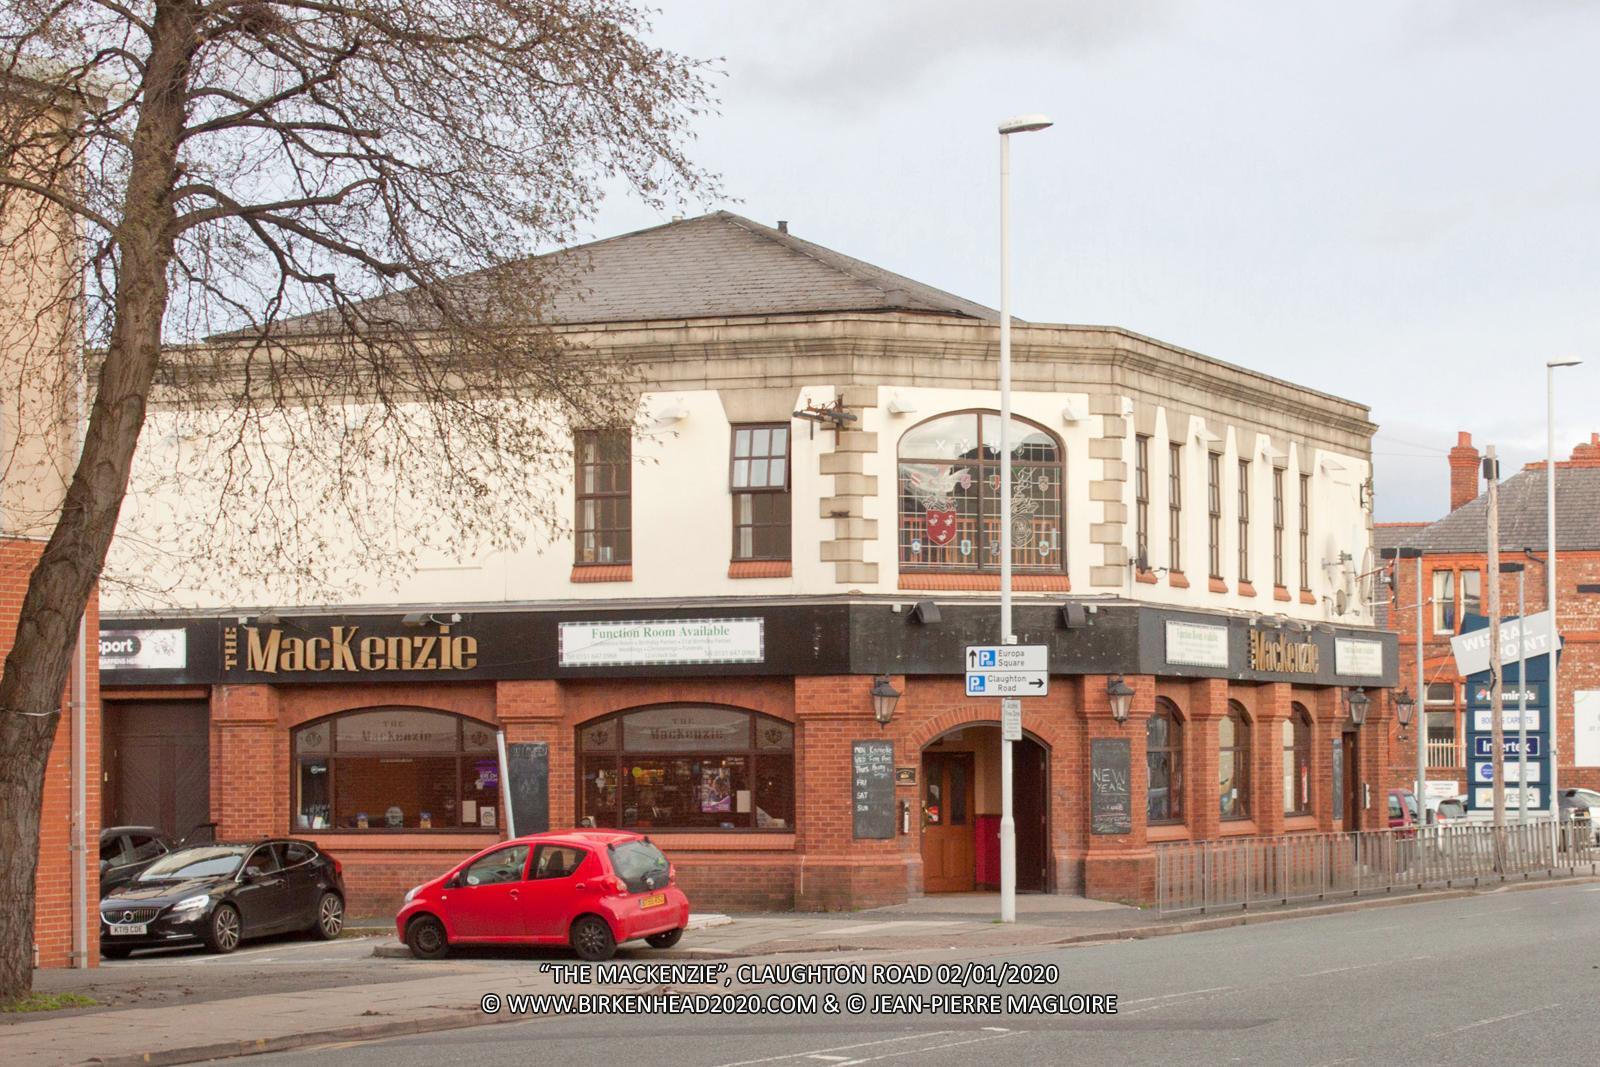 MacKenzie_Claughton Road